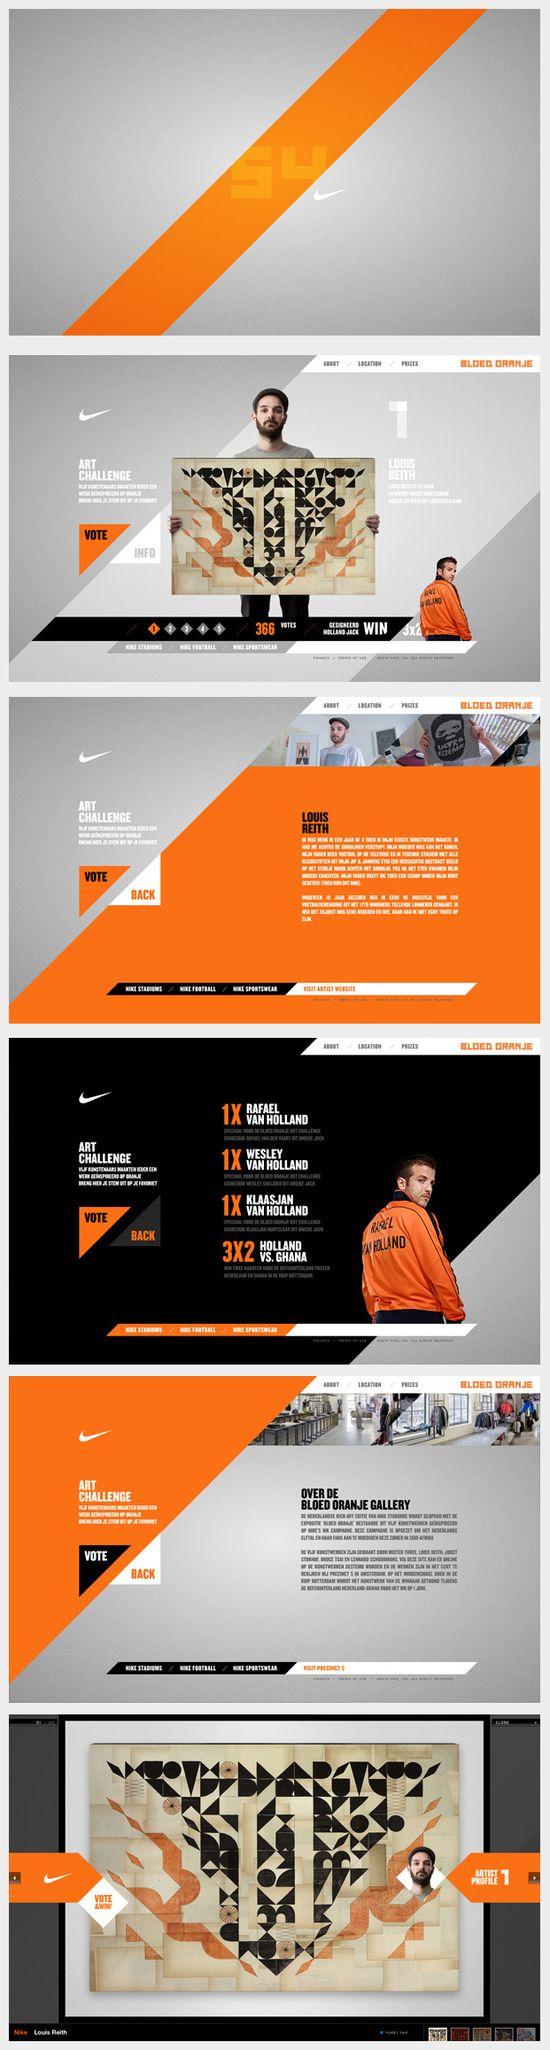 Nike website #webdesign #design #designer #inspiration #user #interface #ui